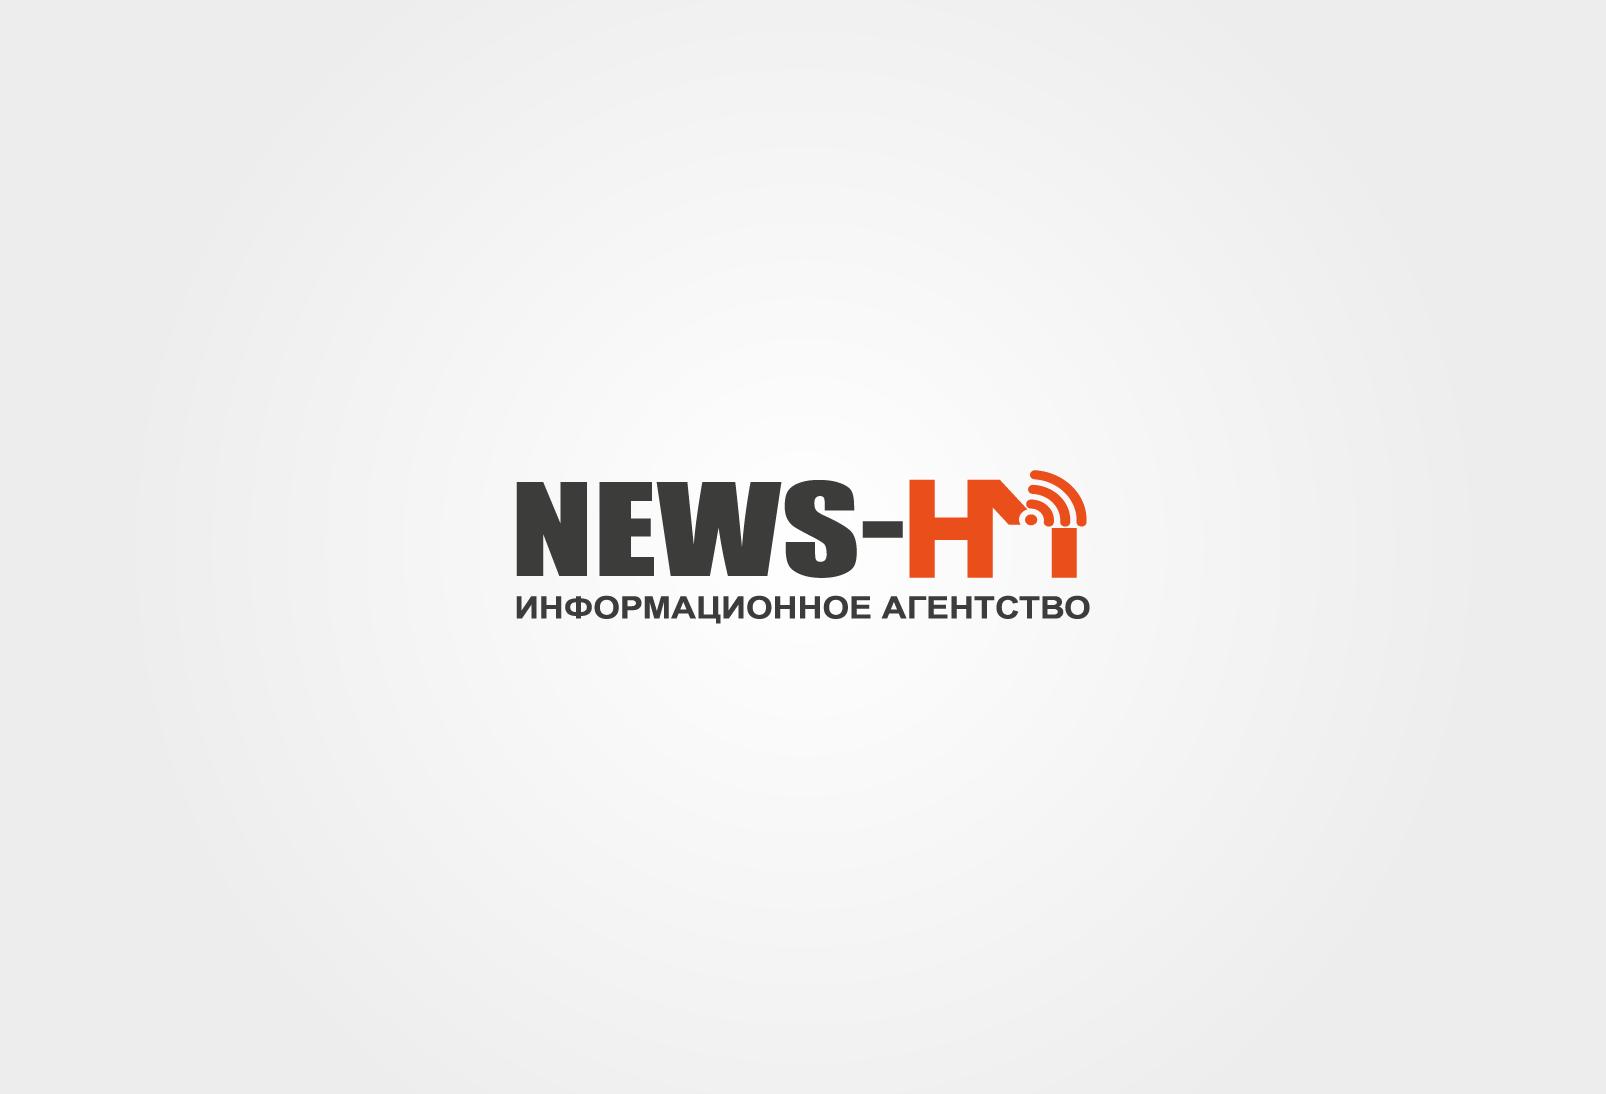 Логотип для информационного агентства фото f_0505aa3a796e5711.png